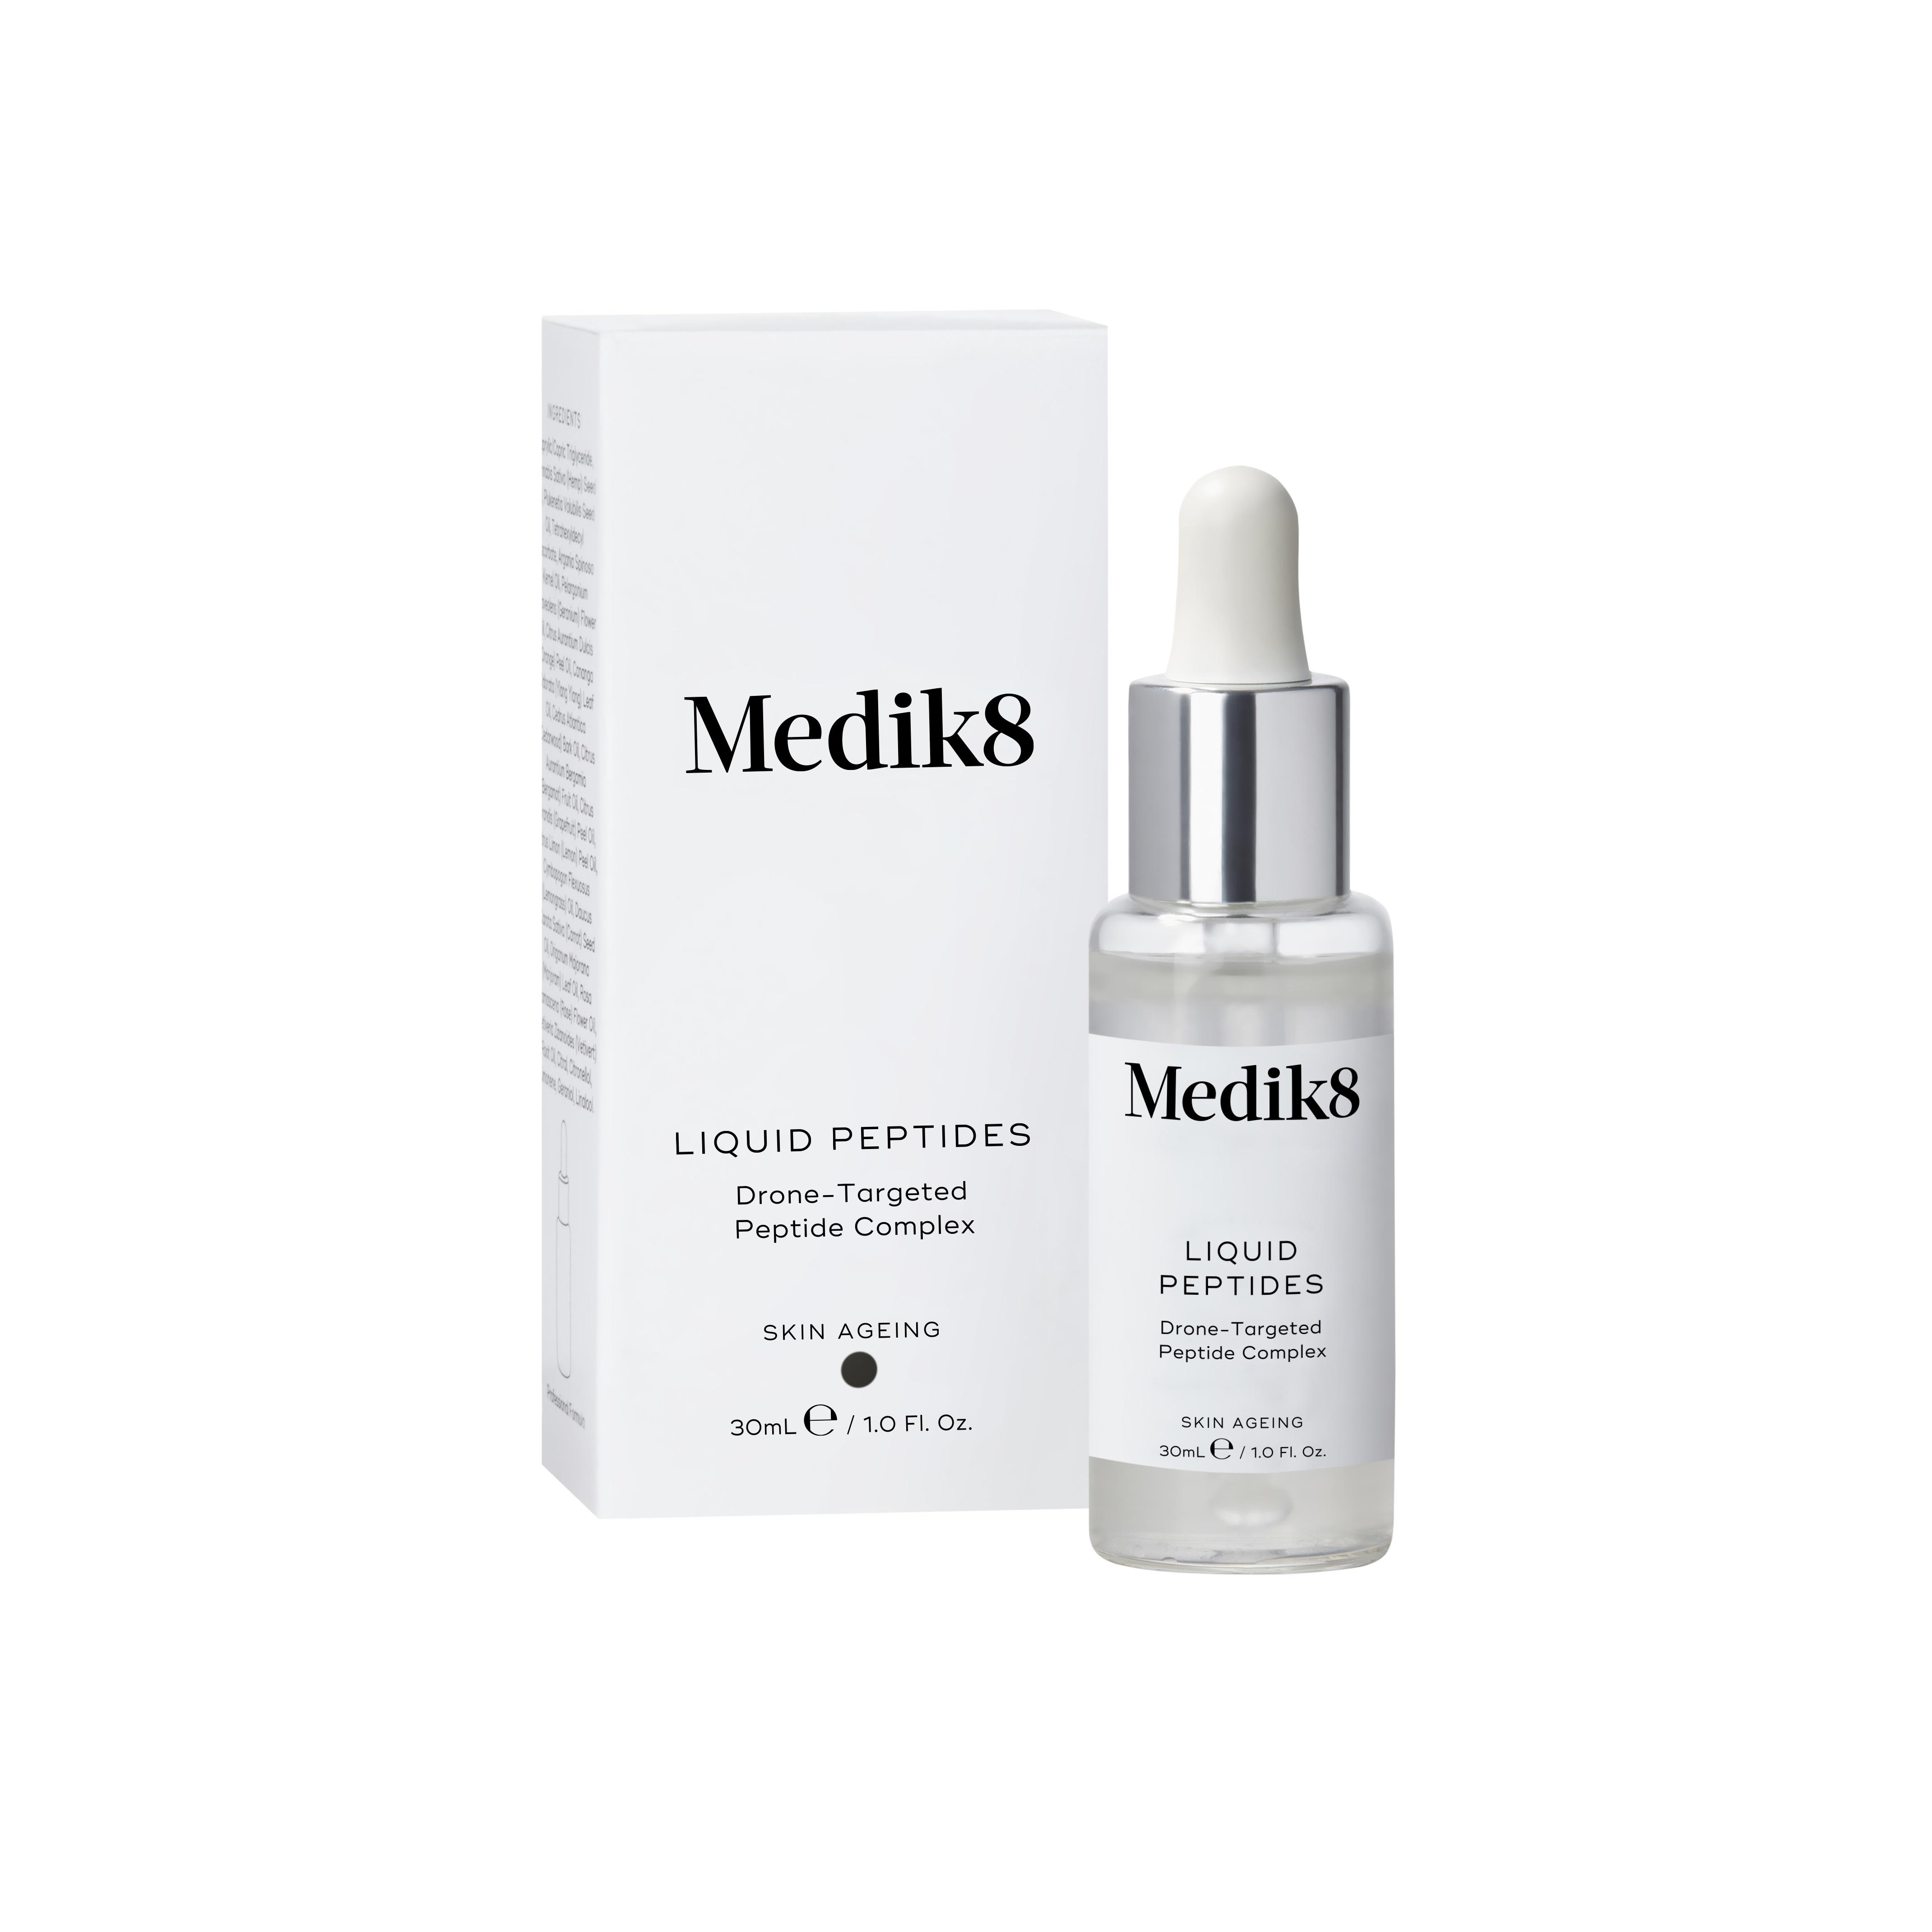 Medik8 Liquid Peptides sérum 30 ml - obsahuje peptidy, kolagen, kyselinu hyaluronovou